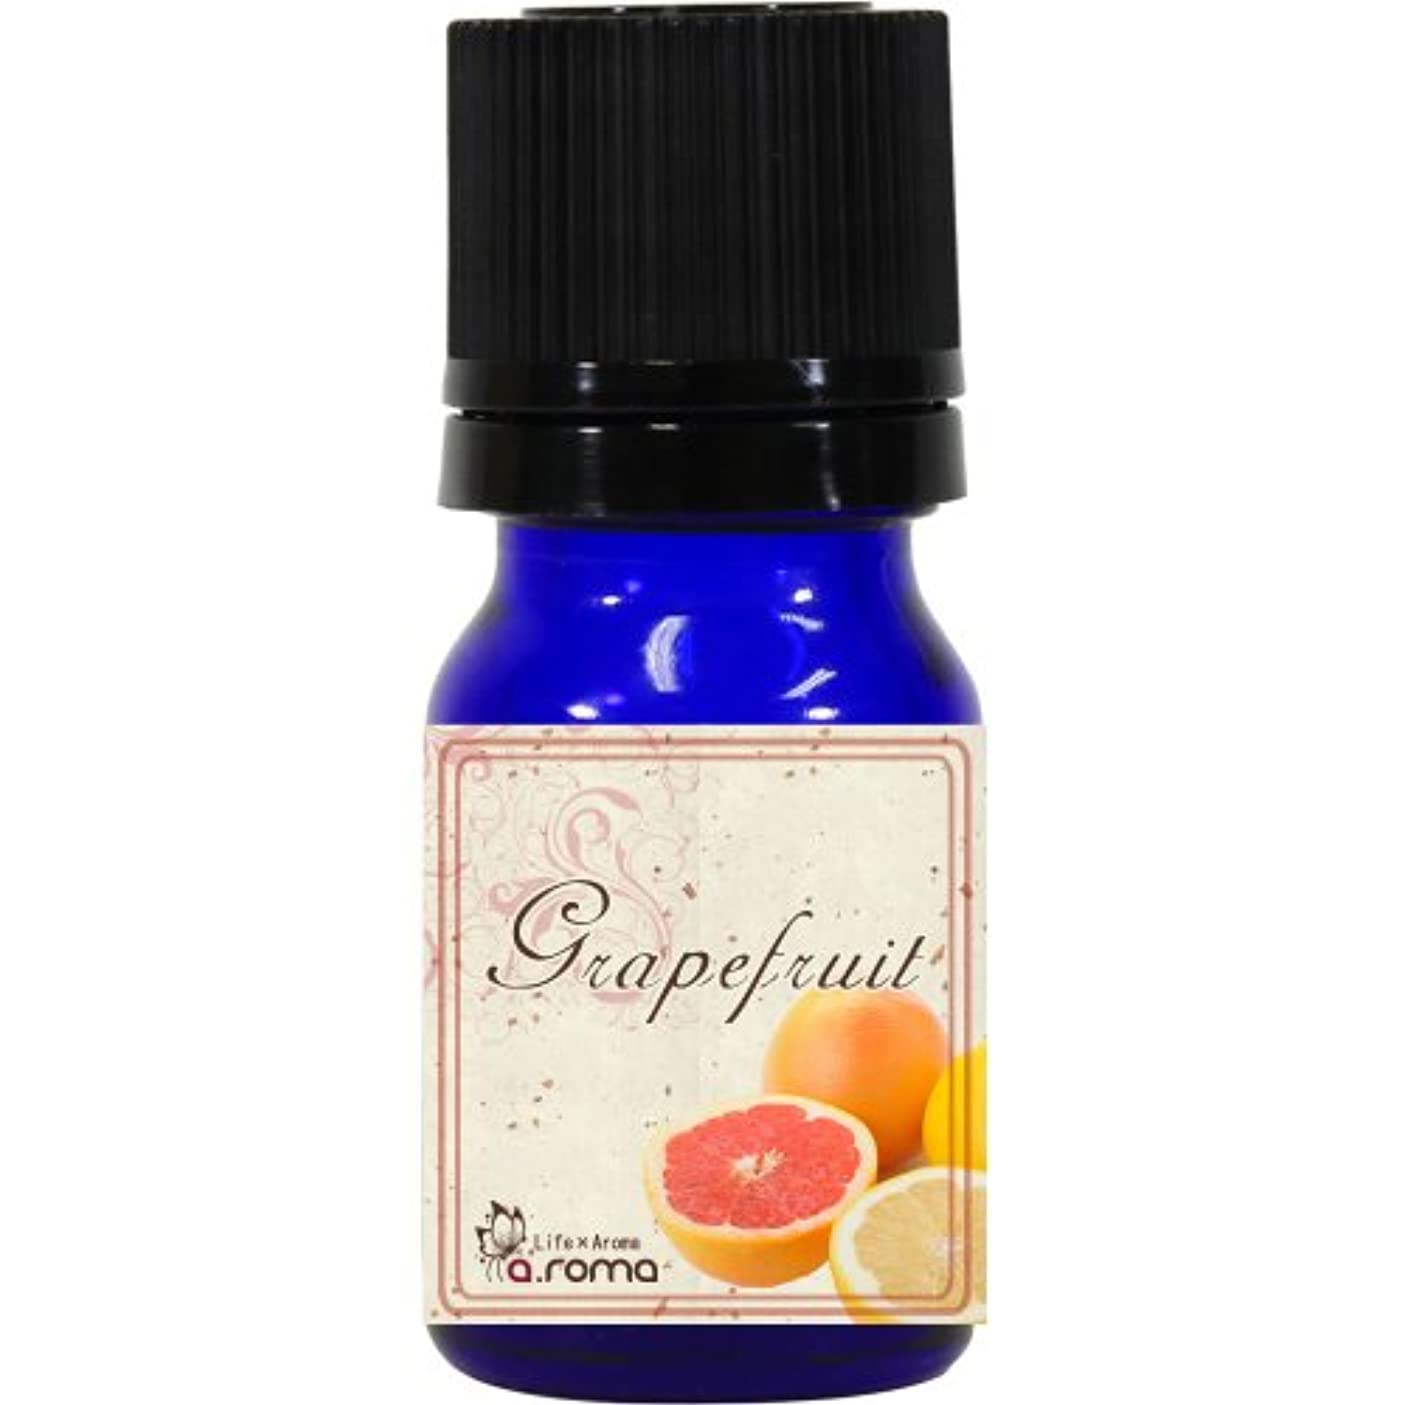 グレープフルーツ 3ml 100% エッセンシャルオイル アロマオイル